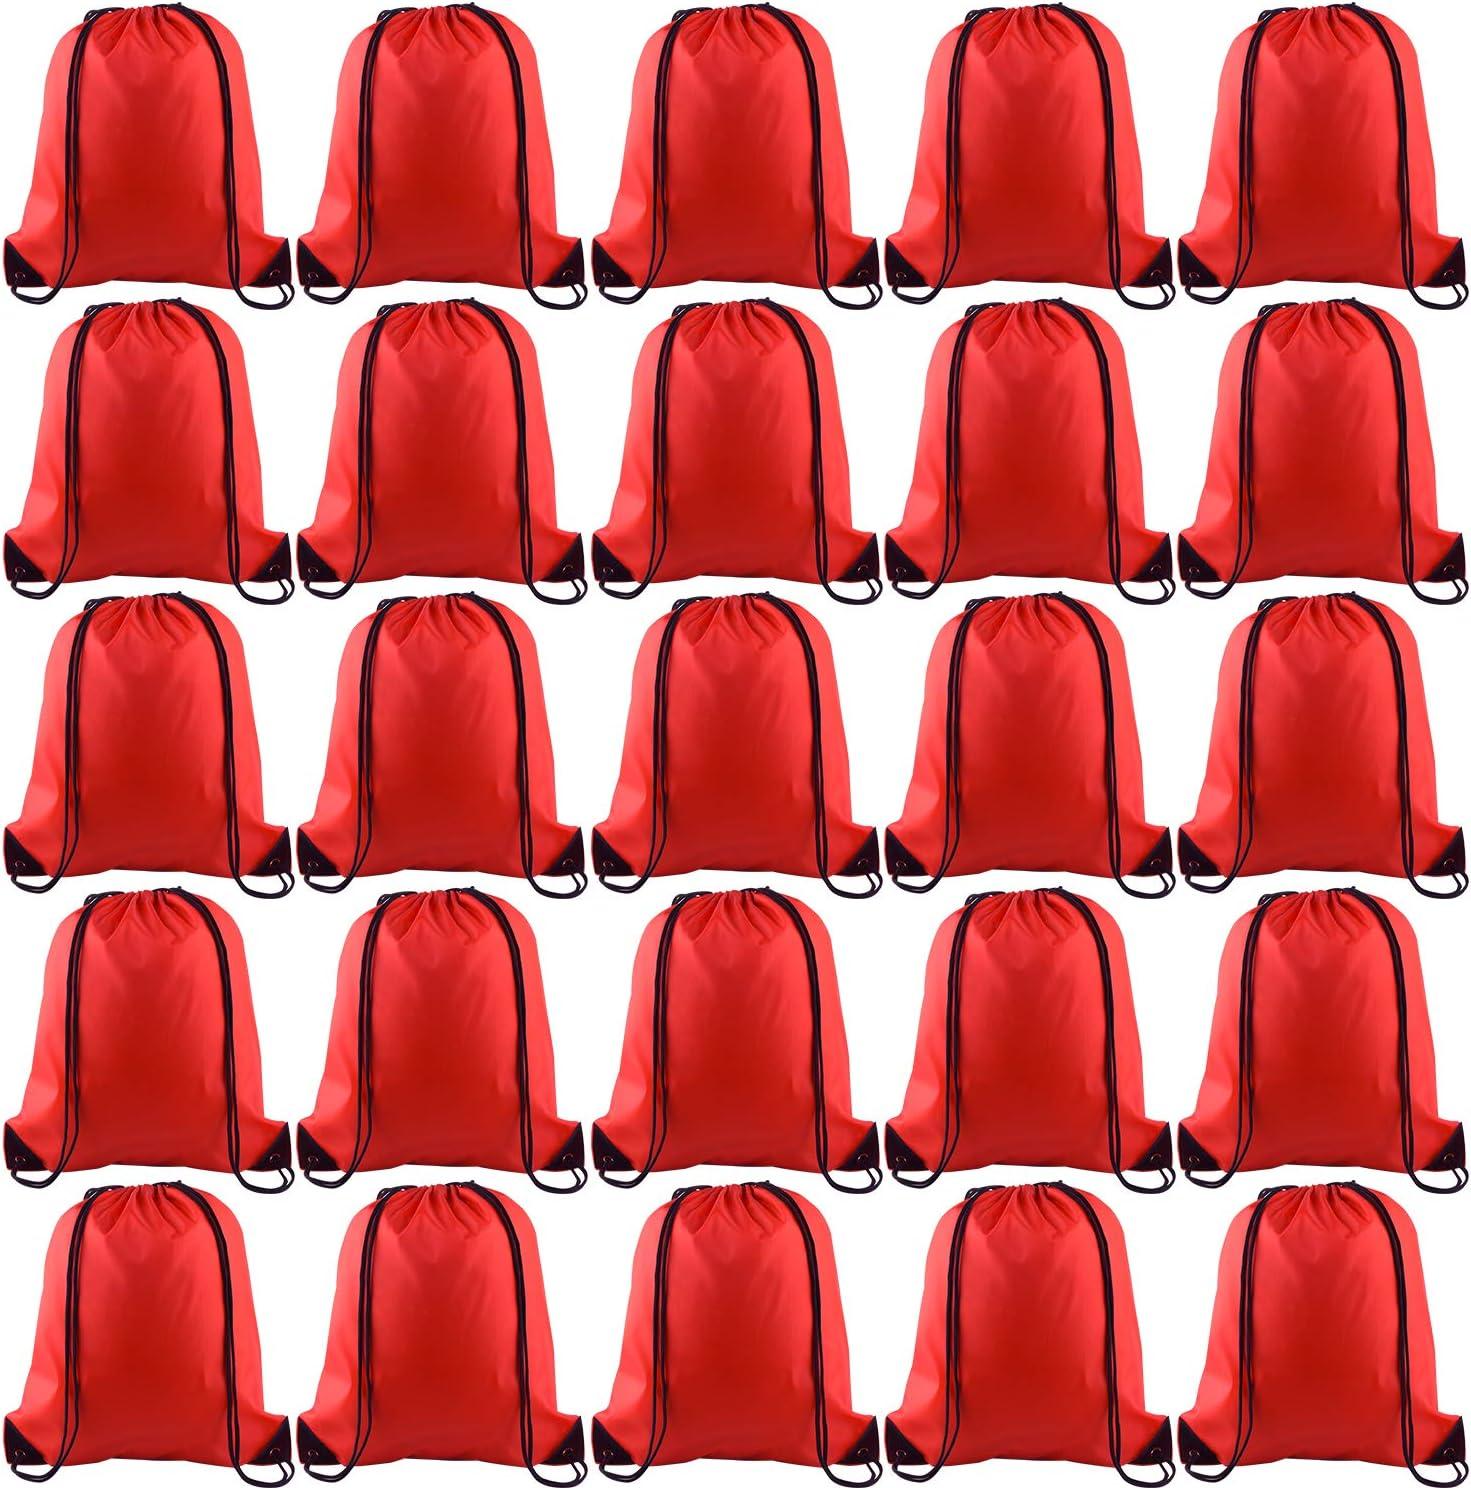 KUUQA 25Pcs Drawstring Backpack Bags String Backpack Sport Bag Sack Cinch Gym Backpack Bulk for Gym Sport Traveling,Red